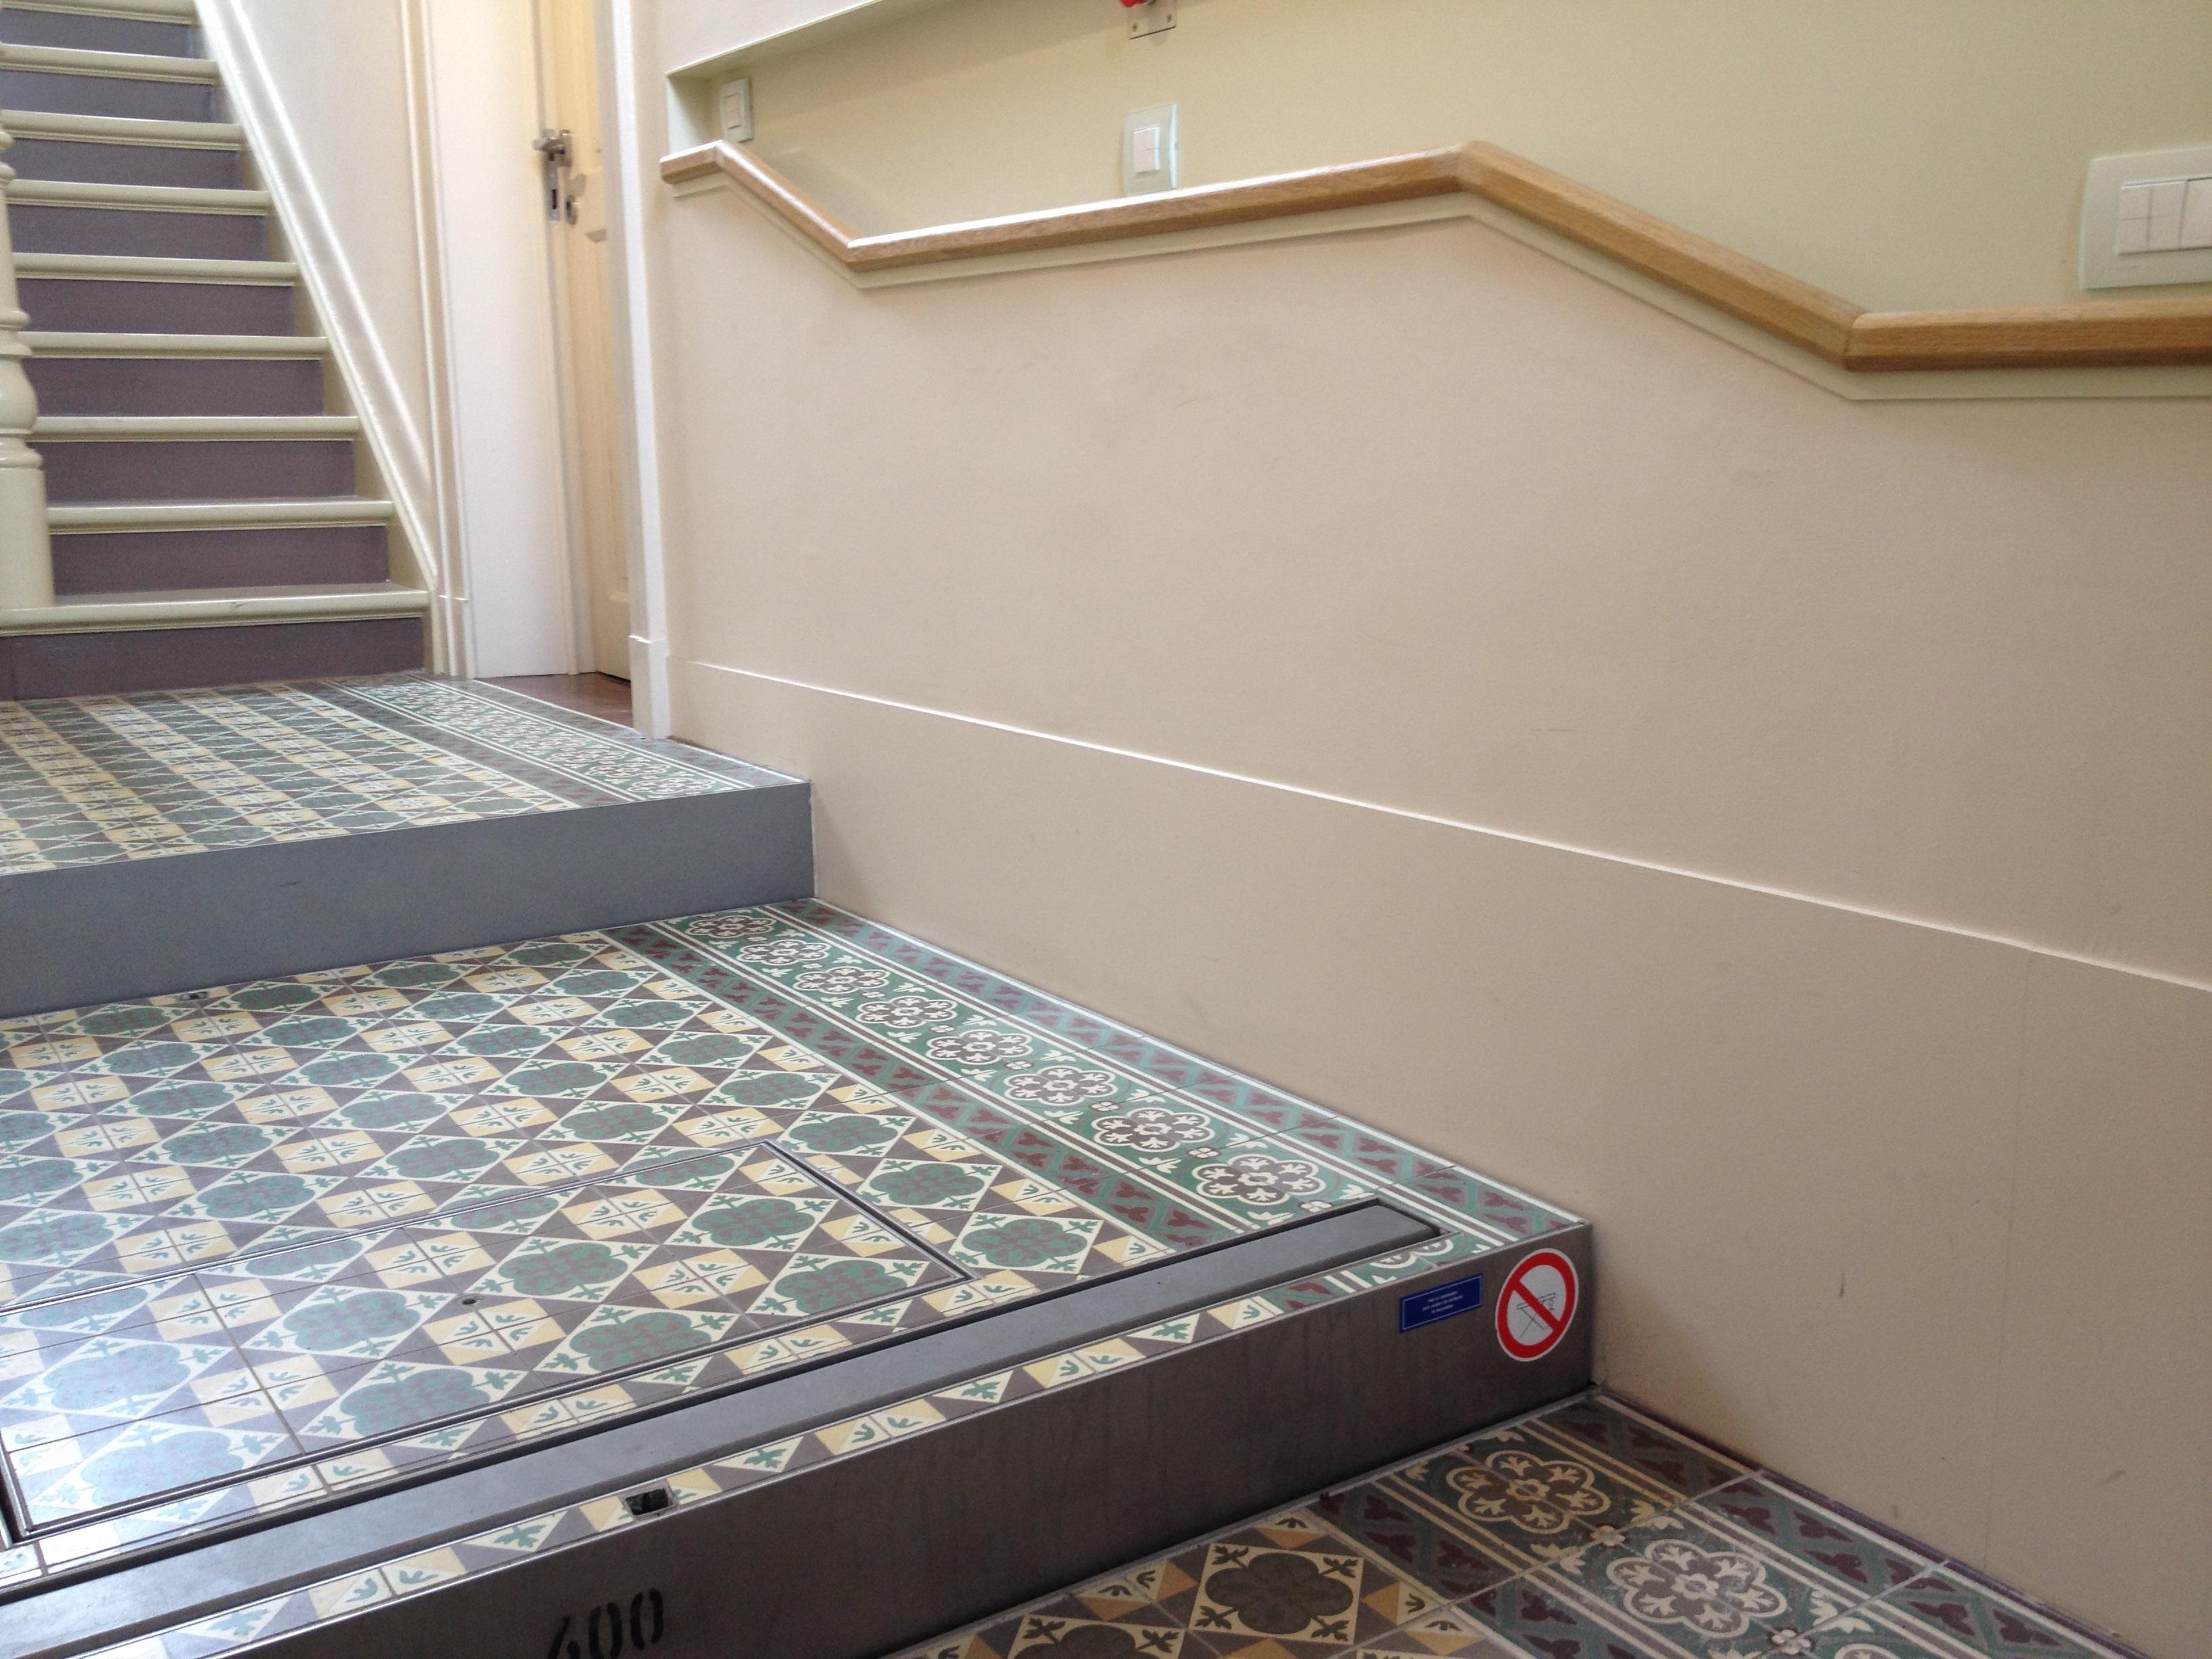 04. Platform lift in step-position